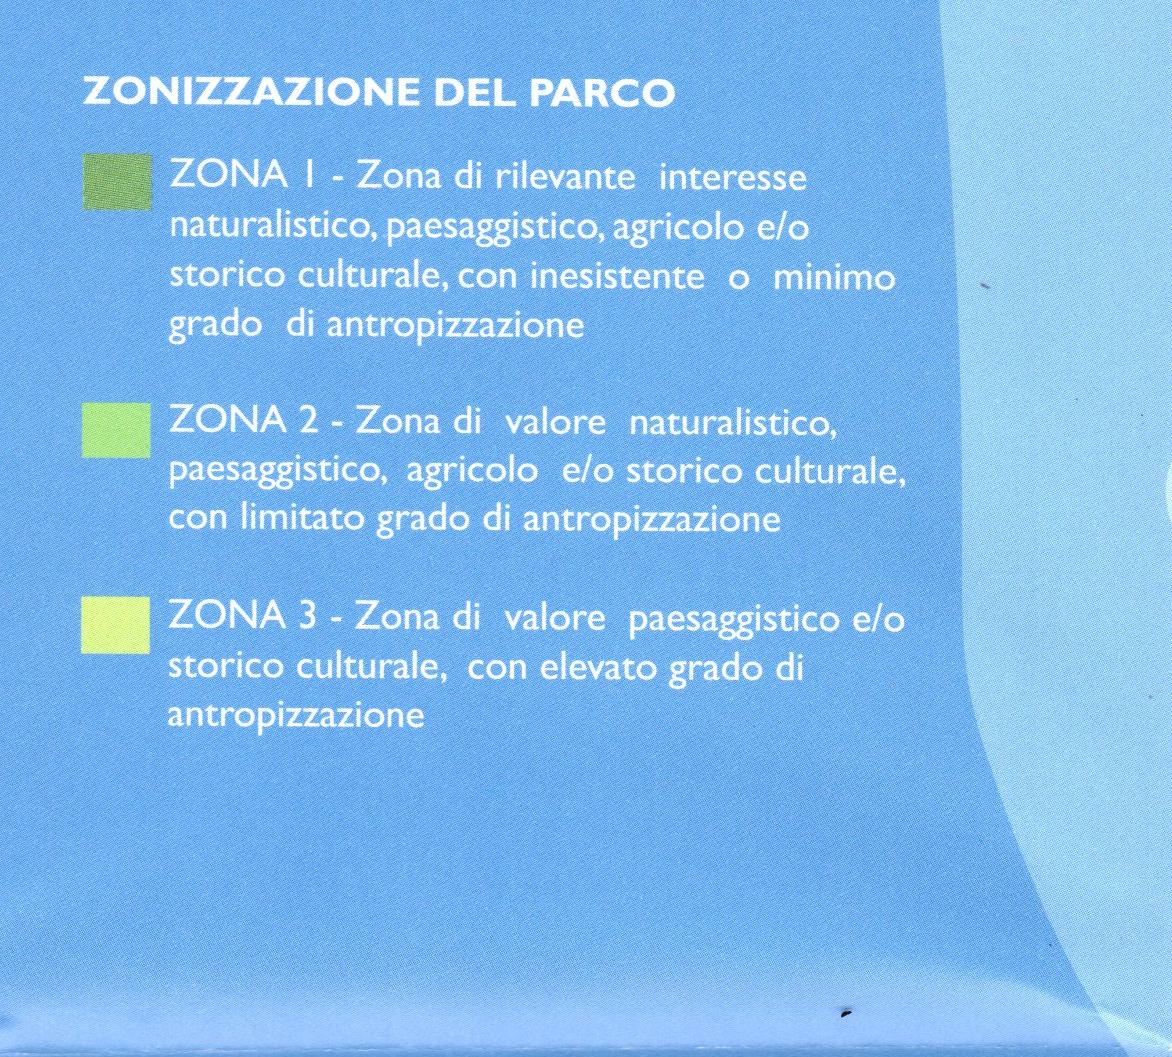 zonizzazione